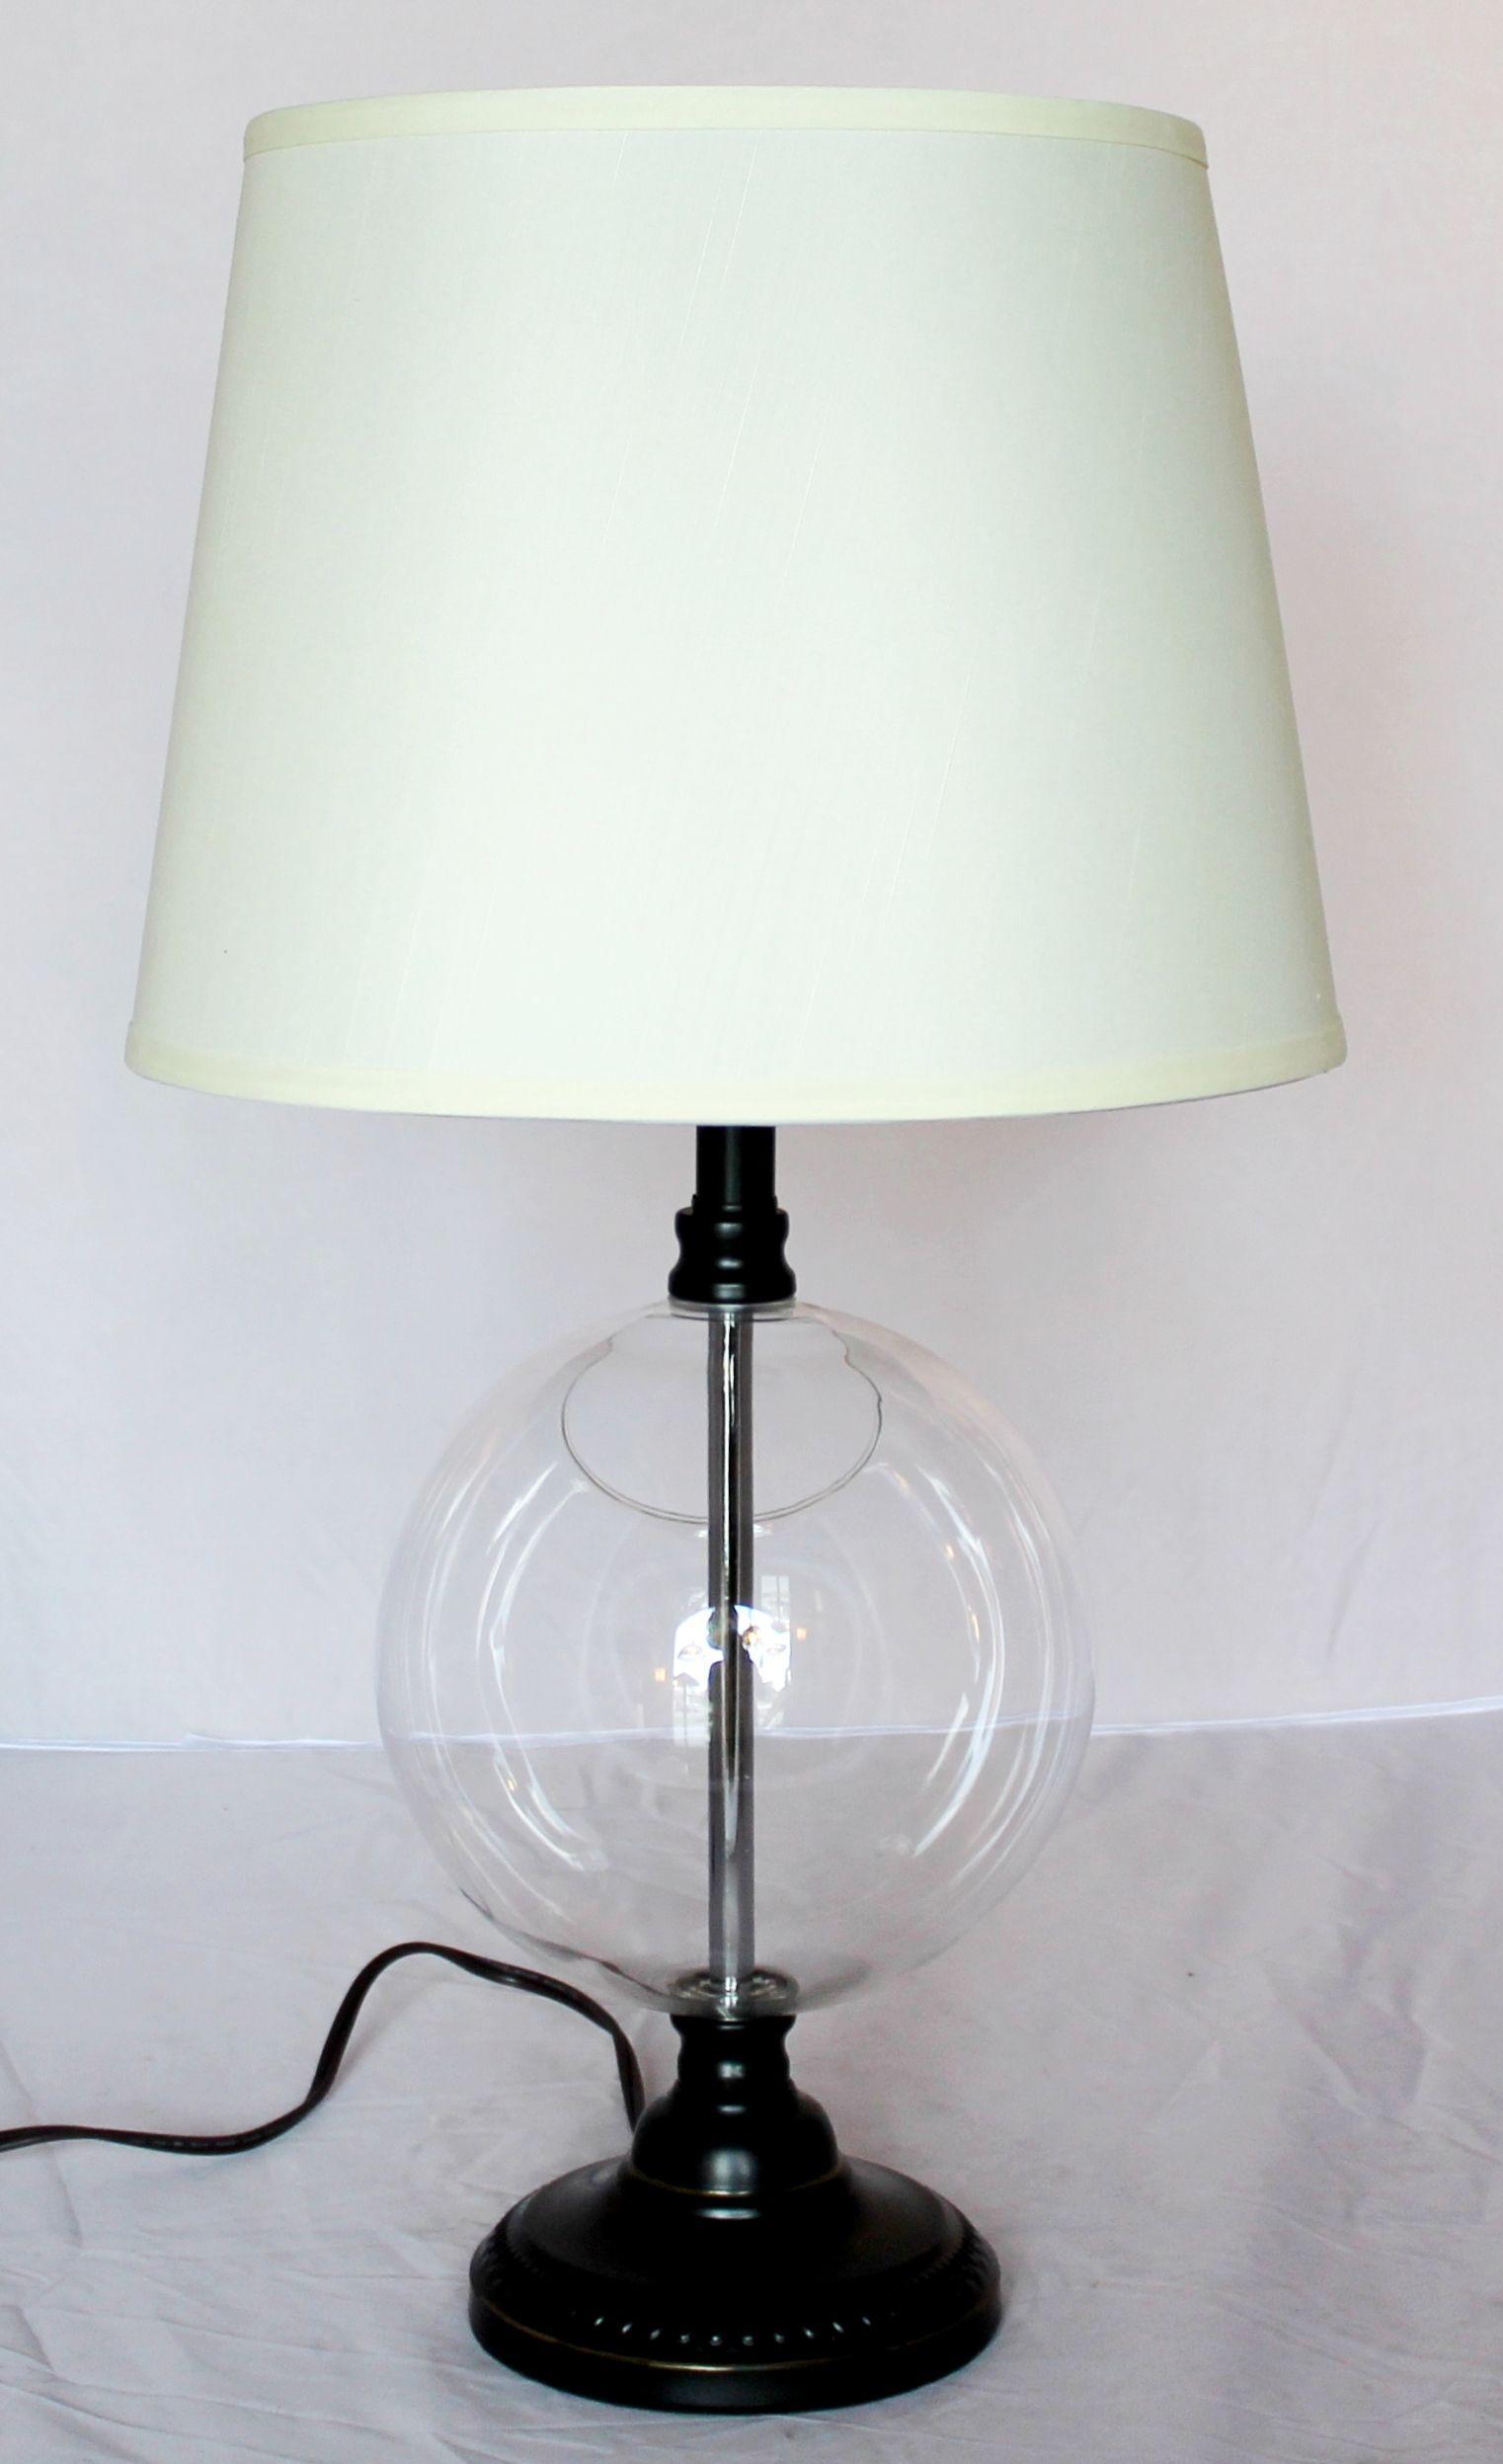 Stehlampe Lampenschirm Ersatz Glas